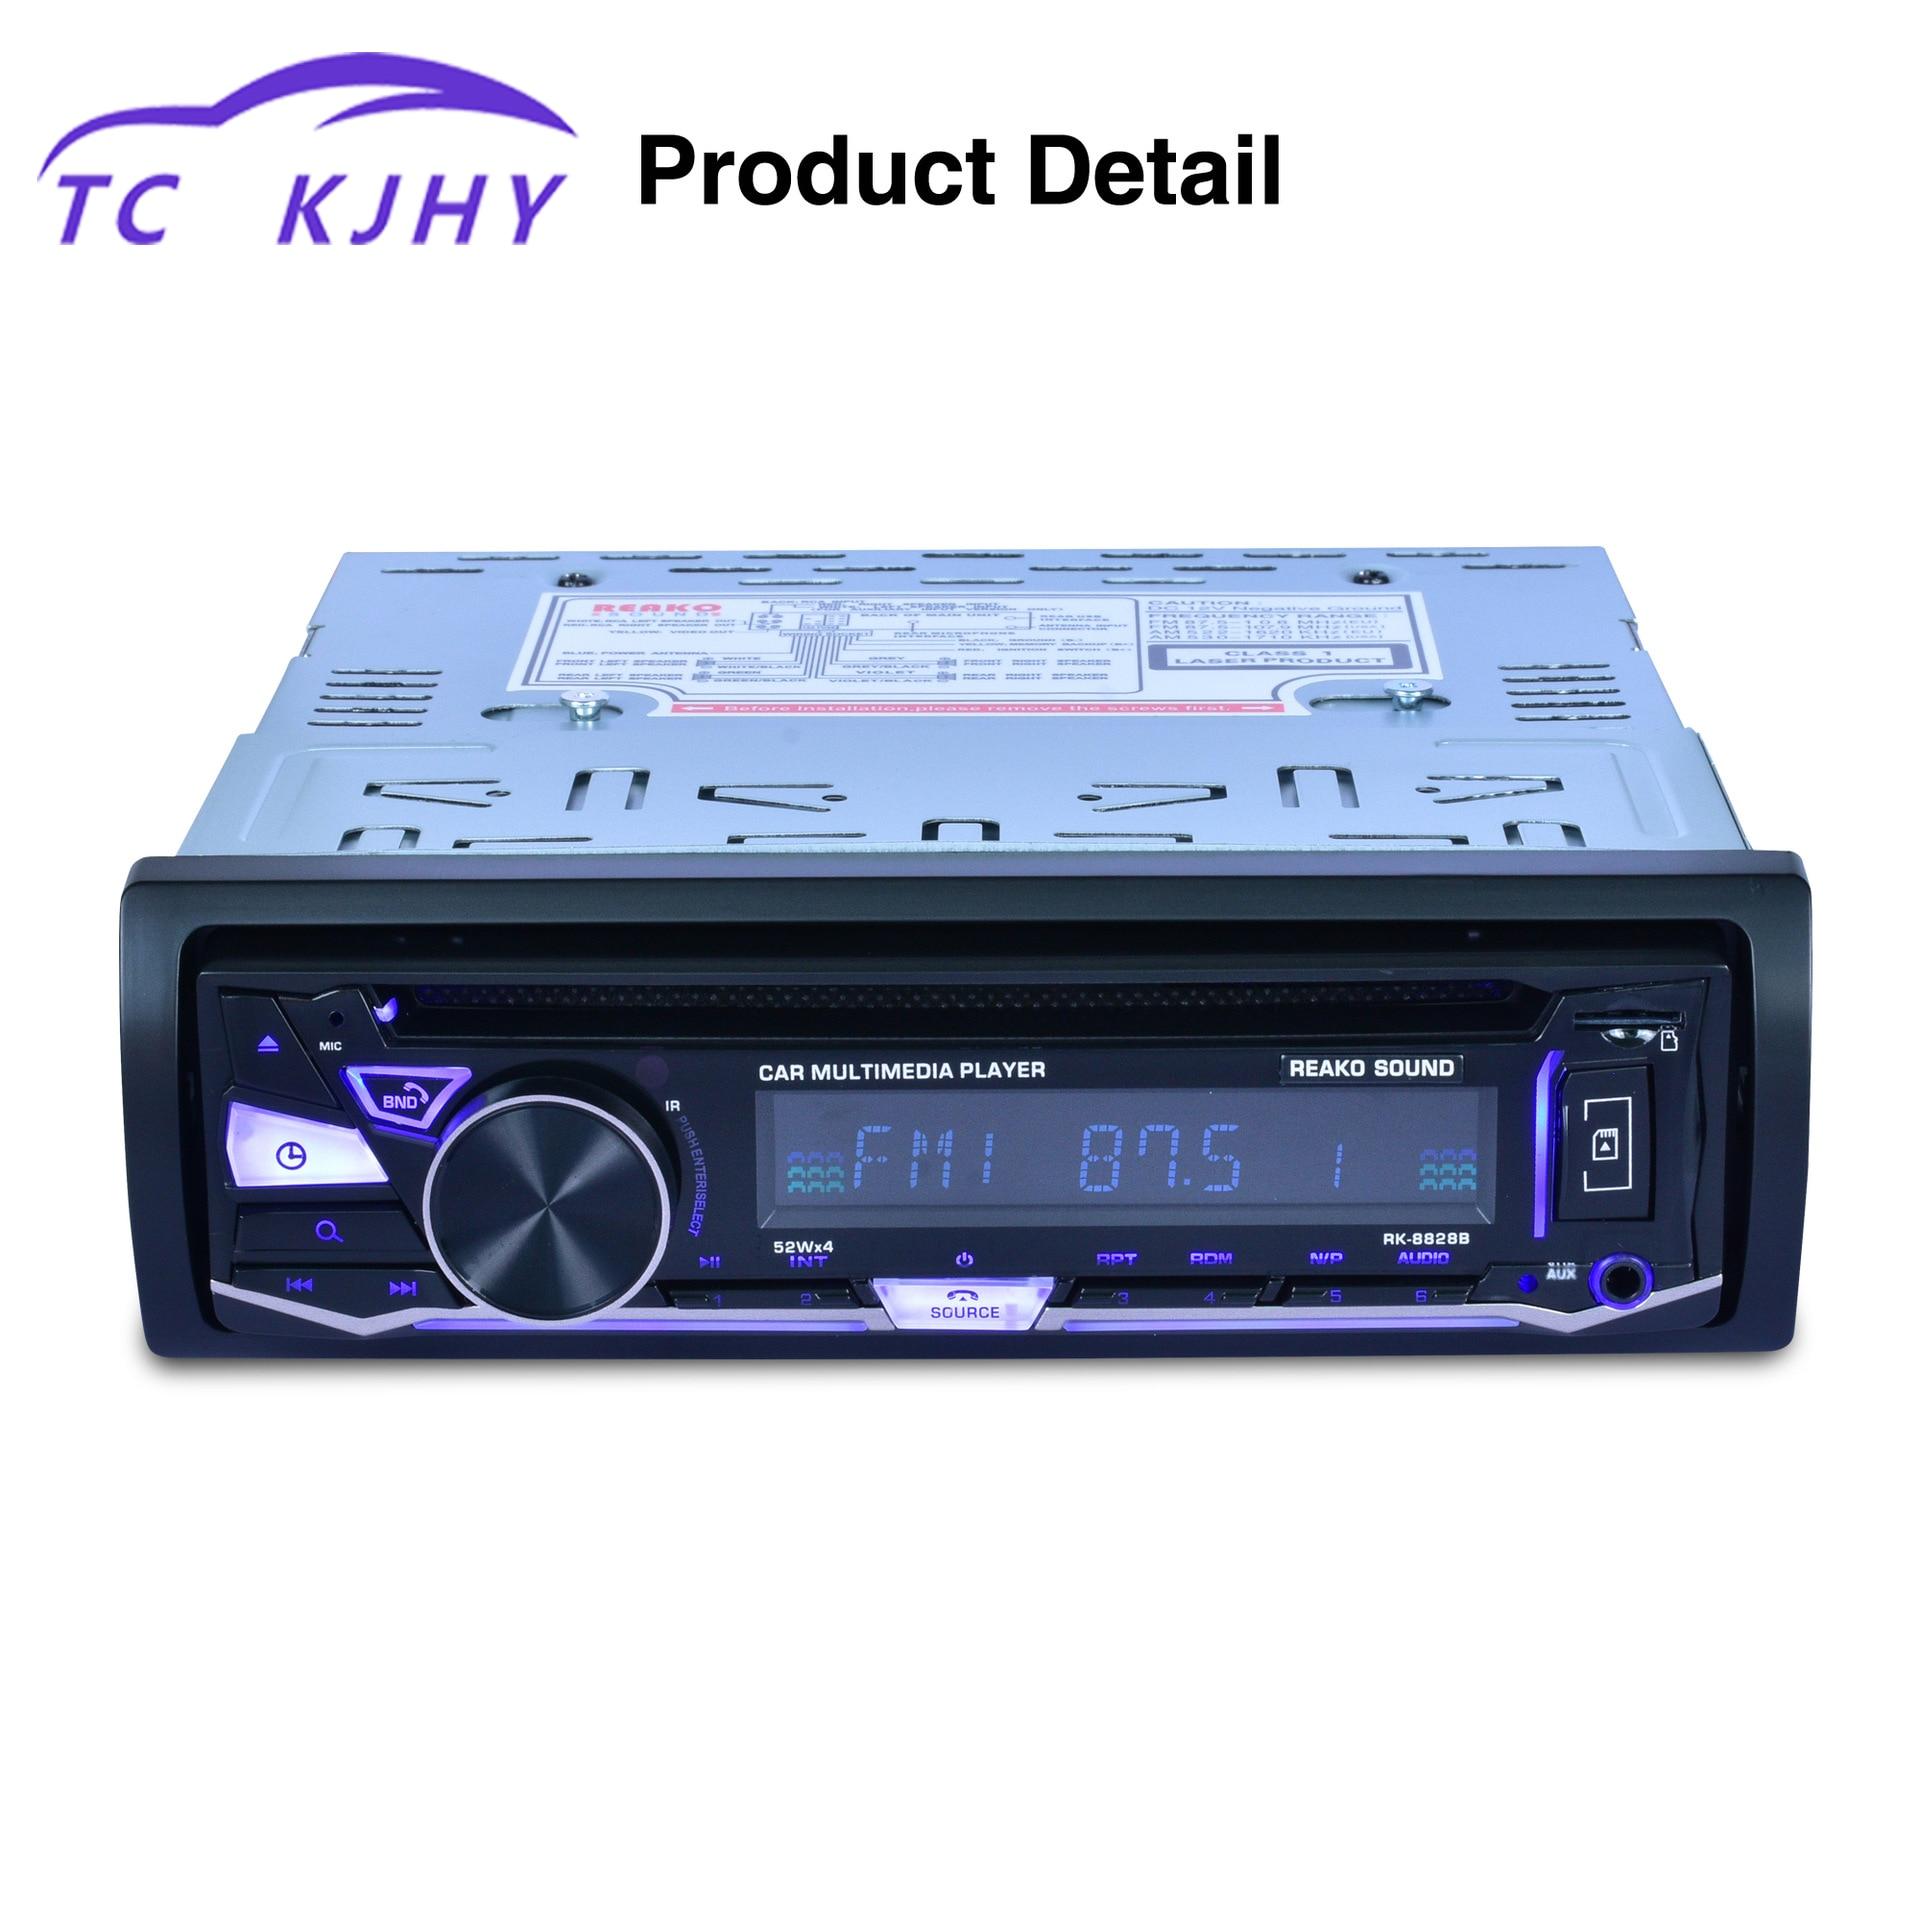 Véhicule simple broche DVD panneau fixe Bluetooth véhicule simple broche DVD voiture lecteur MP3 haut-parleurs Audio affichage DVD général